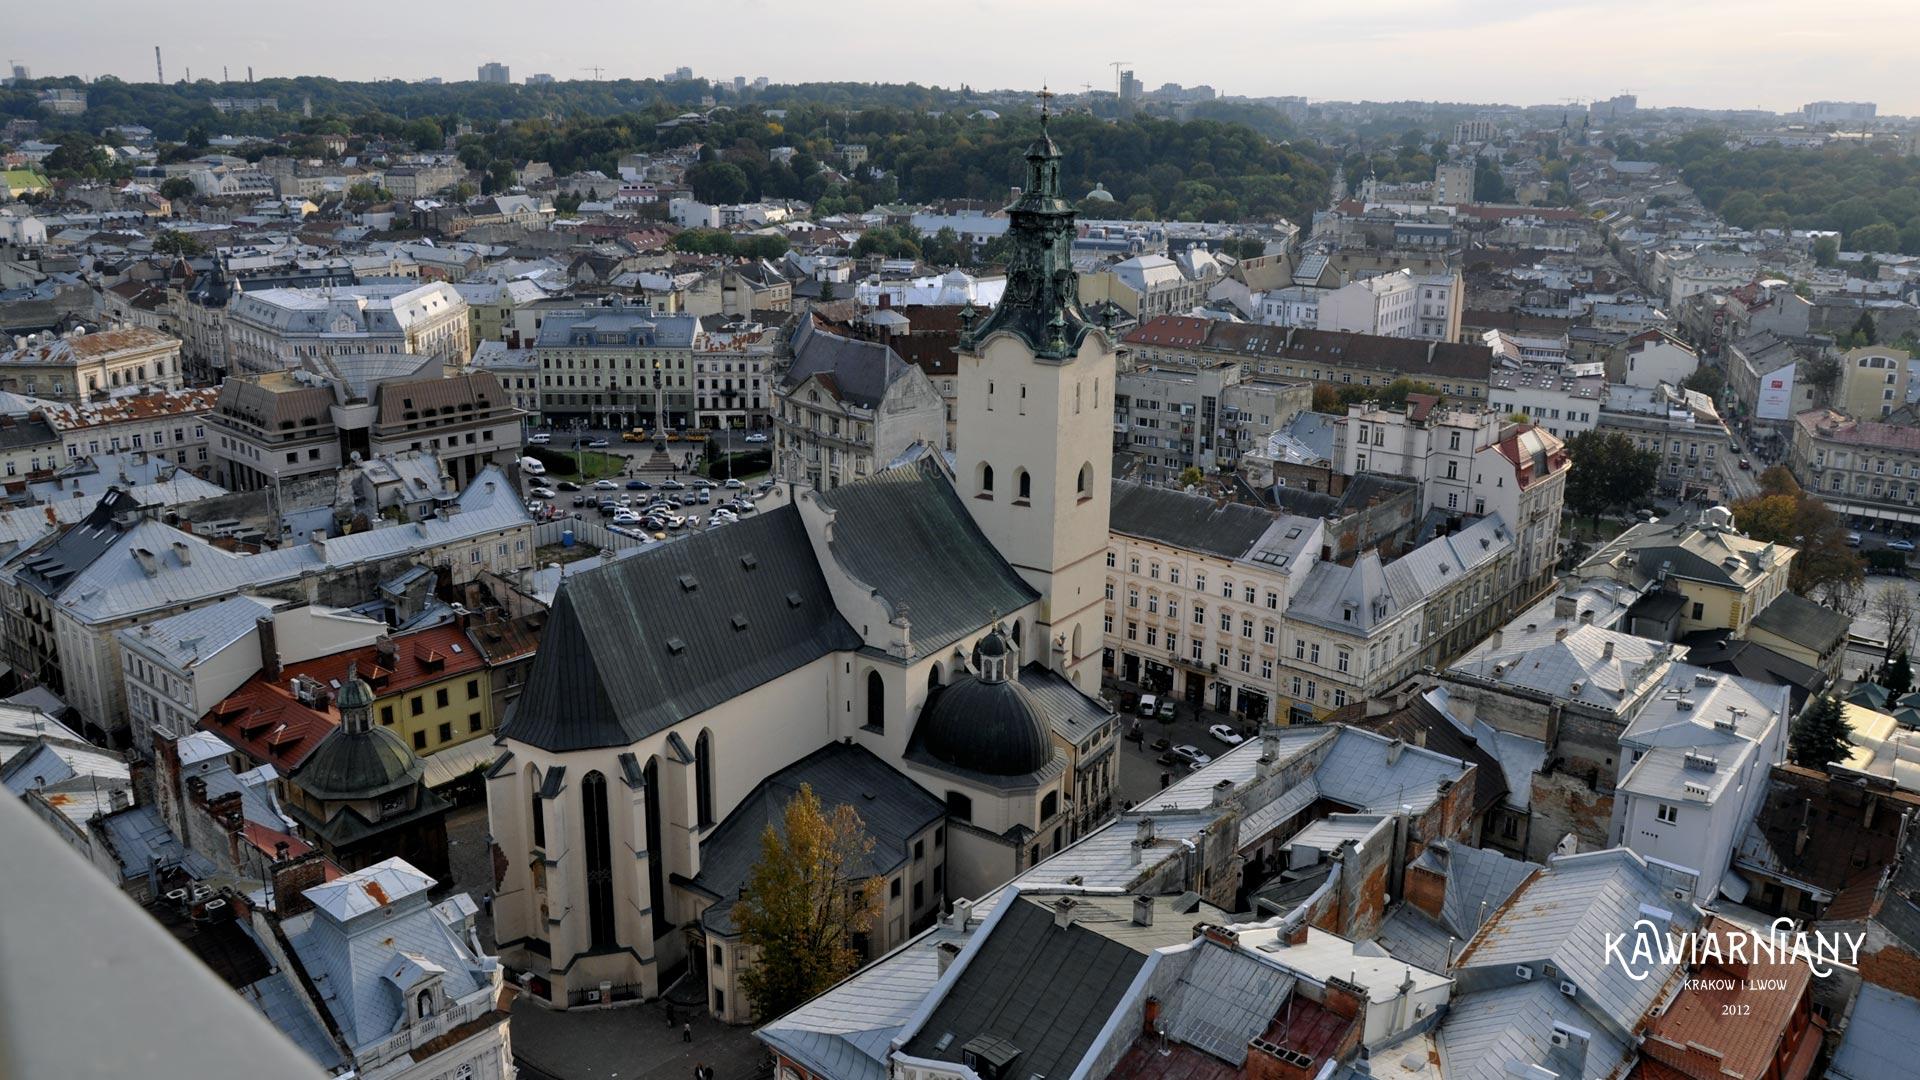 Msze z Katedry Łacińskiej na żywo przez Internet. Wieczorem koncert ze Lwowa